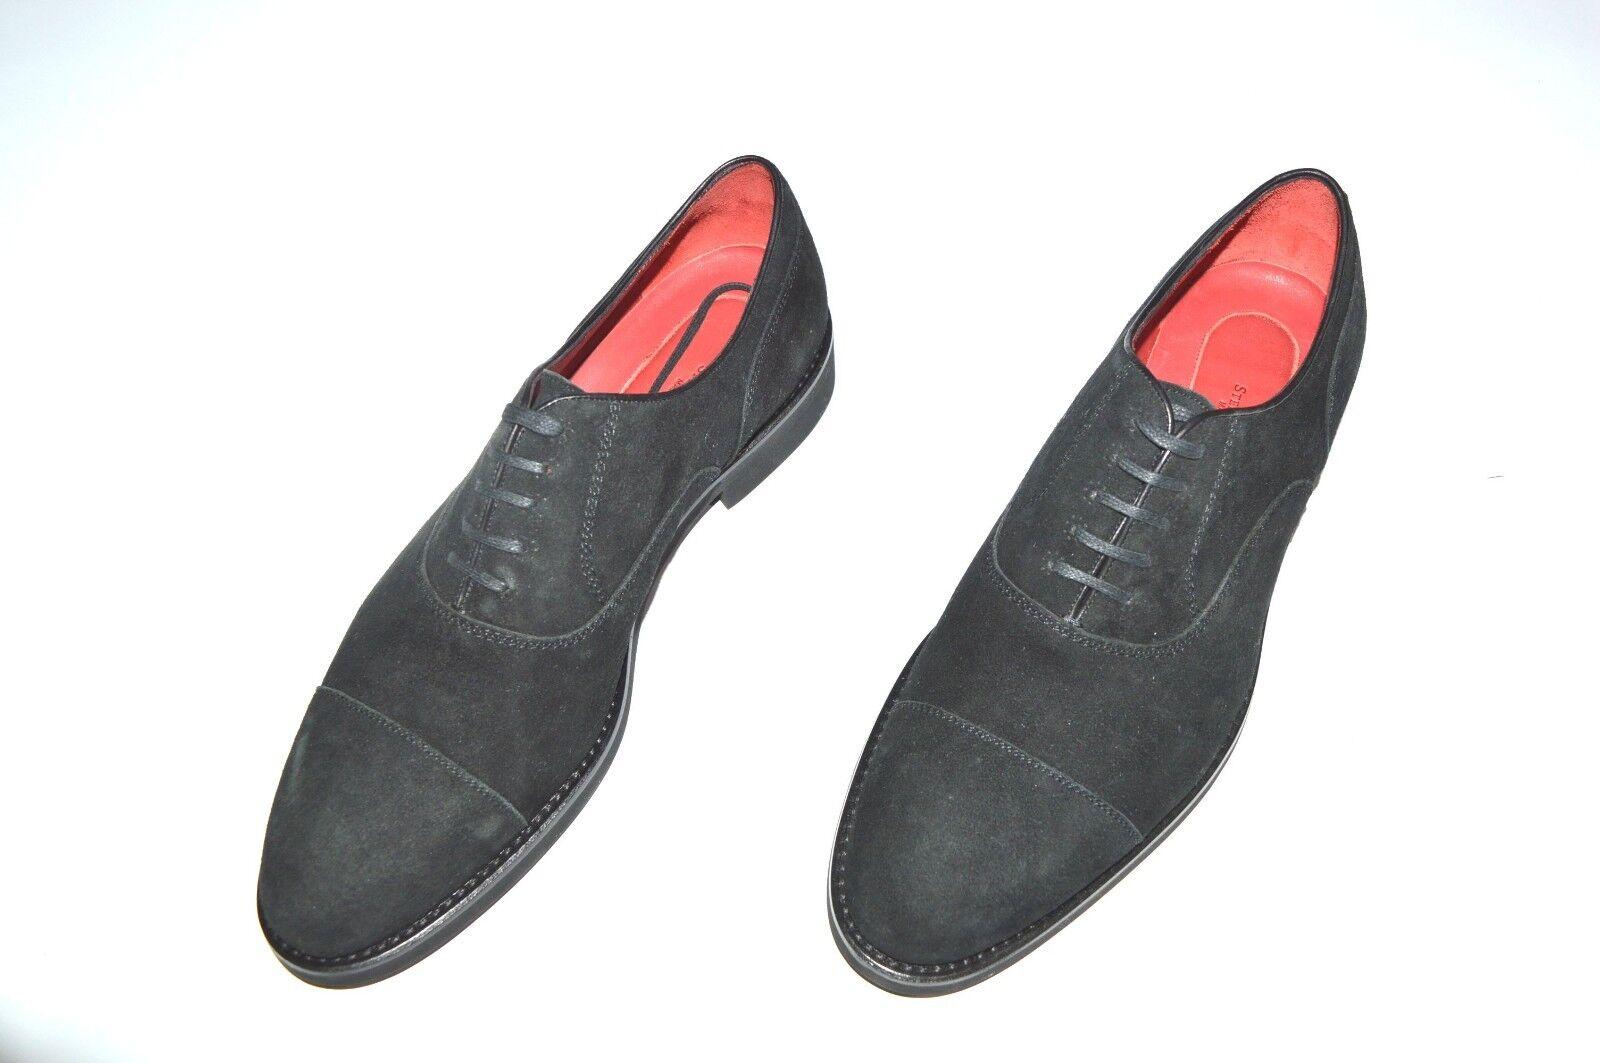 Nuevos Zapatos de piel Stefano Ricci talla nos 9 (COD 464)